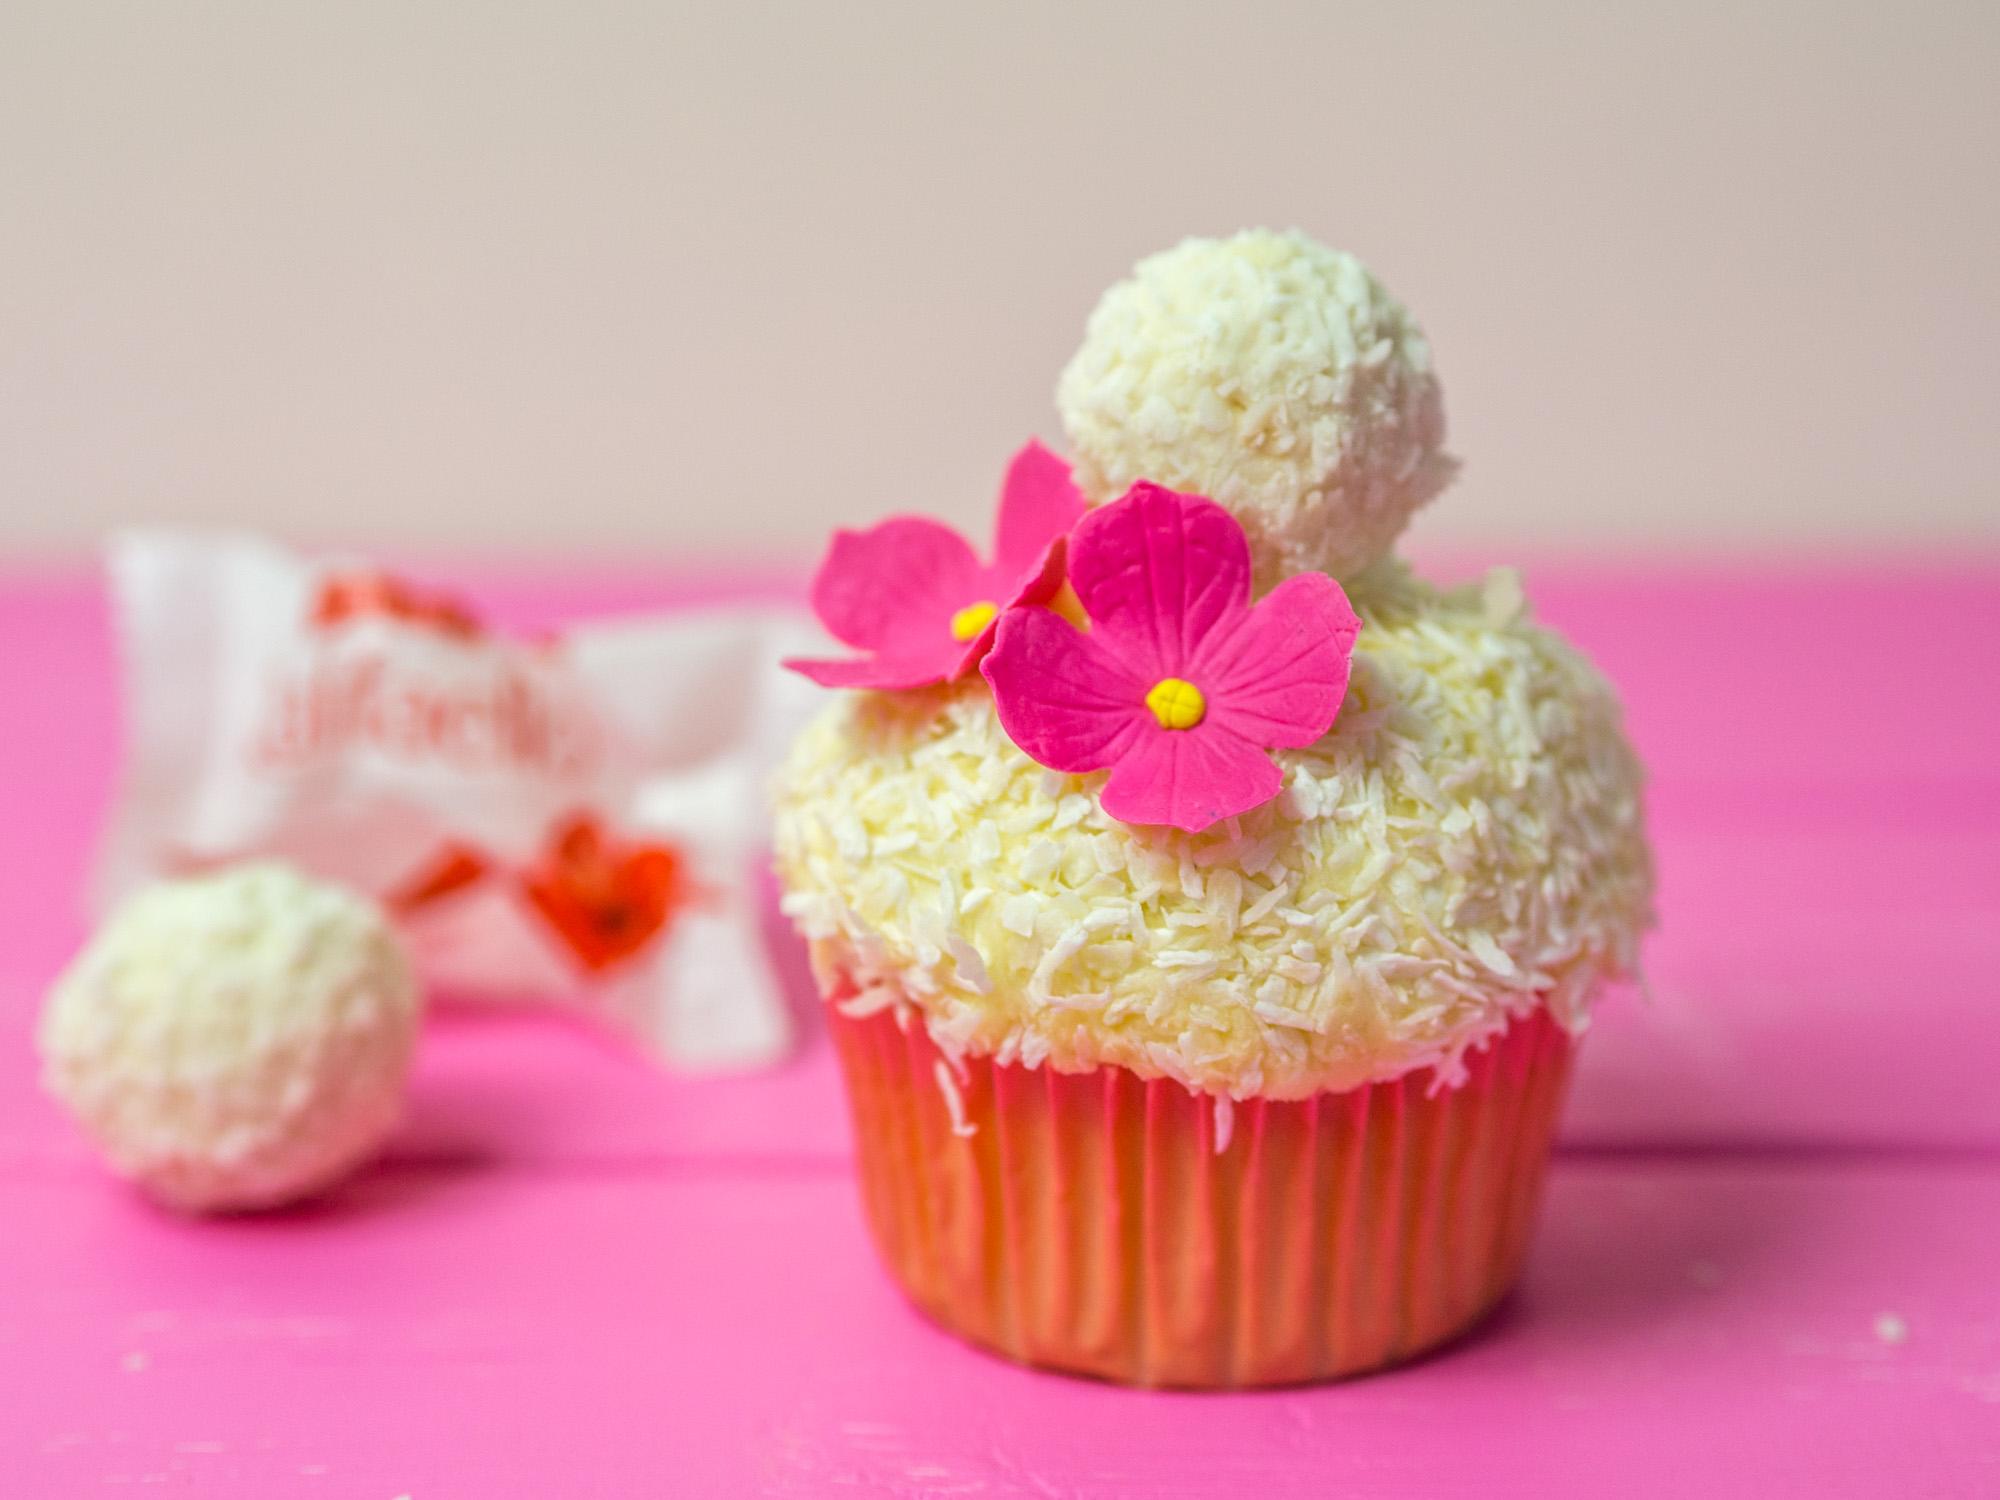 Raffaello-Cupcakes - Kokoscupcakes mit weißer Schokolade